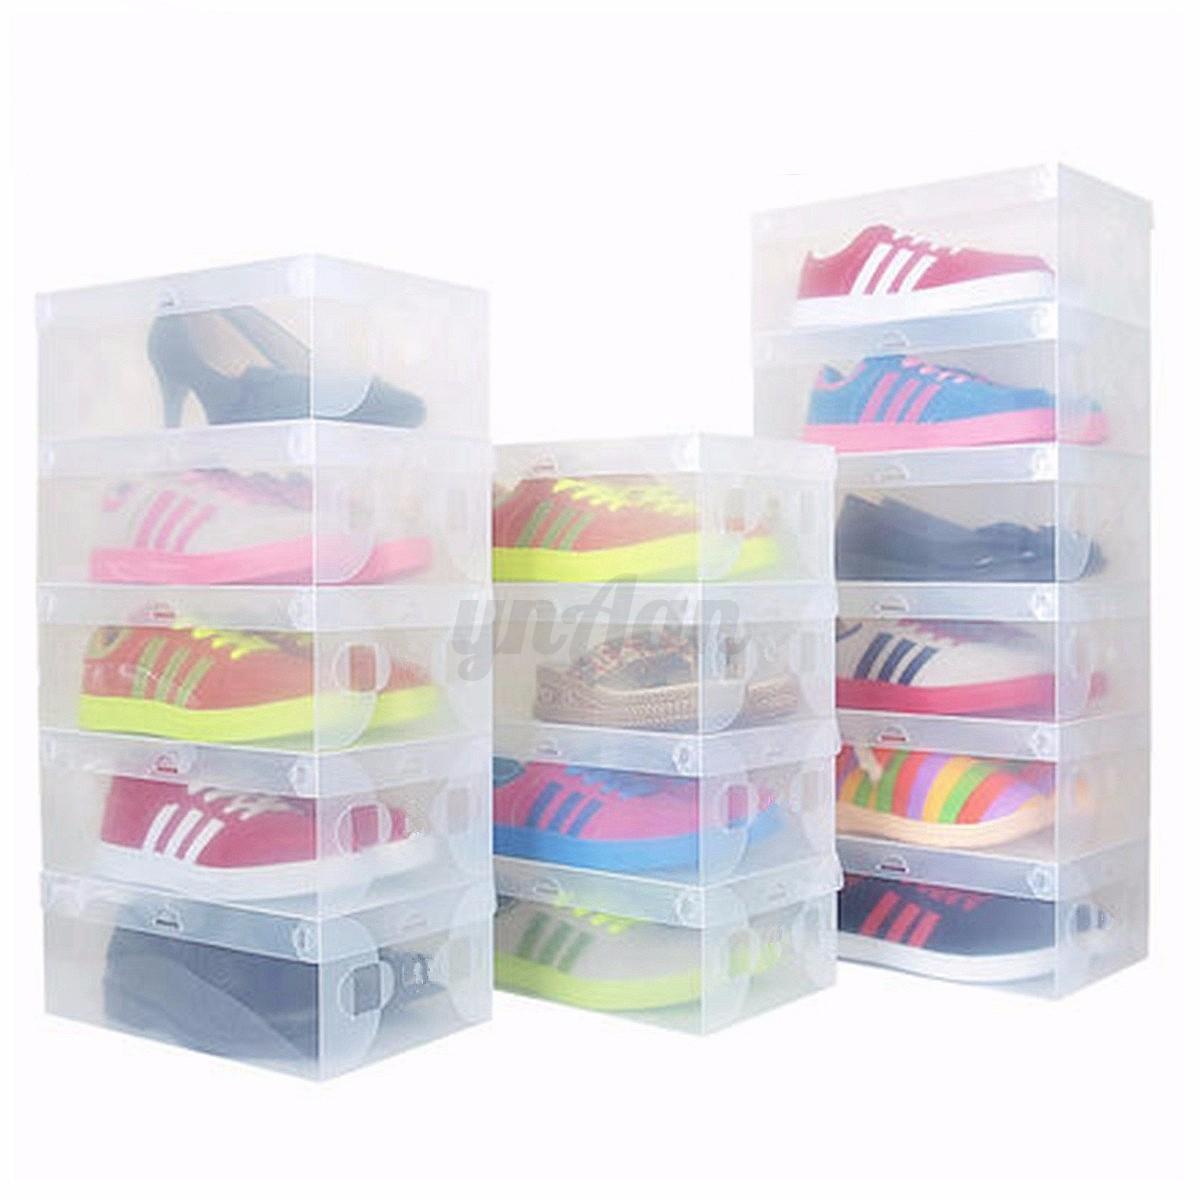 Set scatole porta scarpe trasparente case box contenitore - Scatole scarpe ikea ...